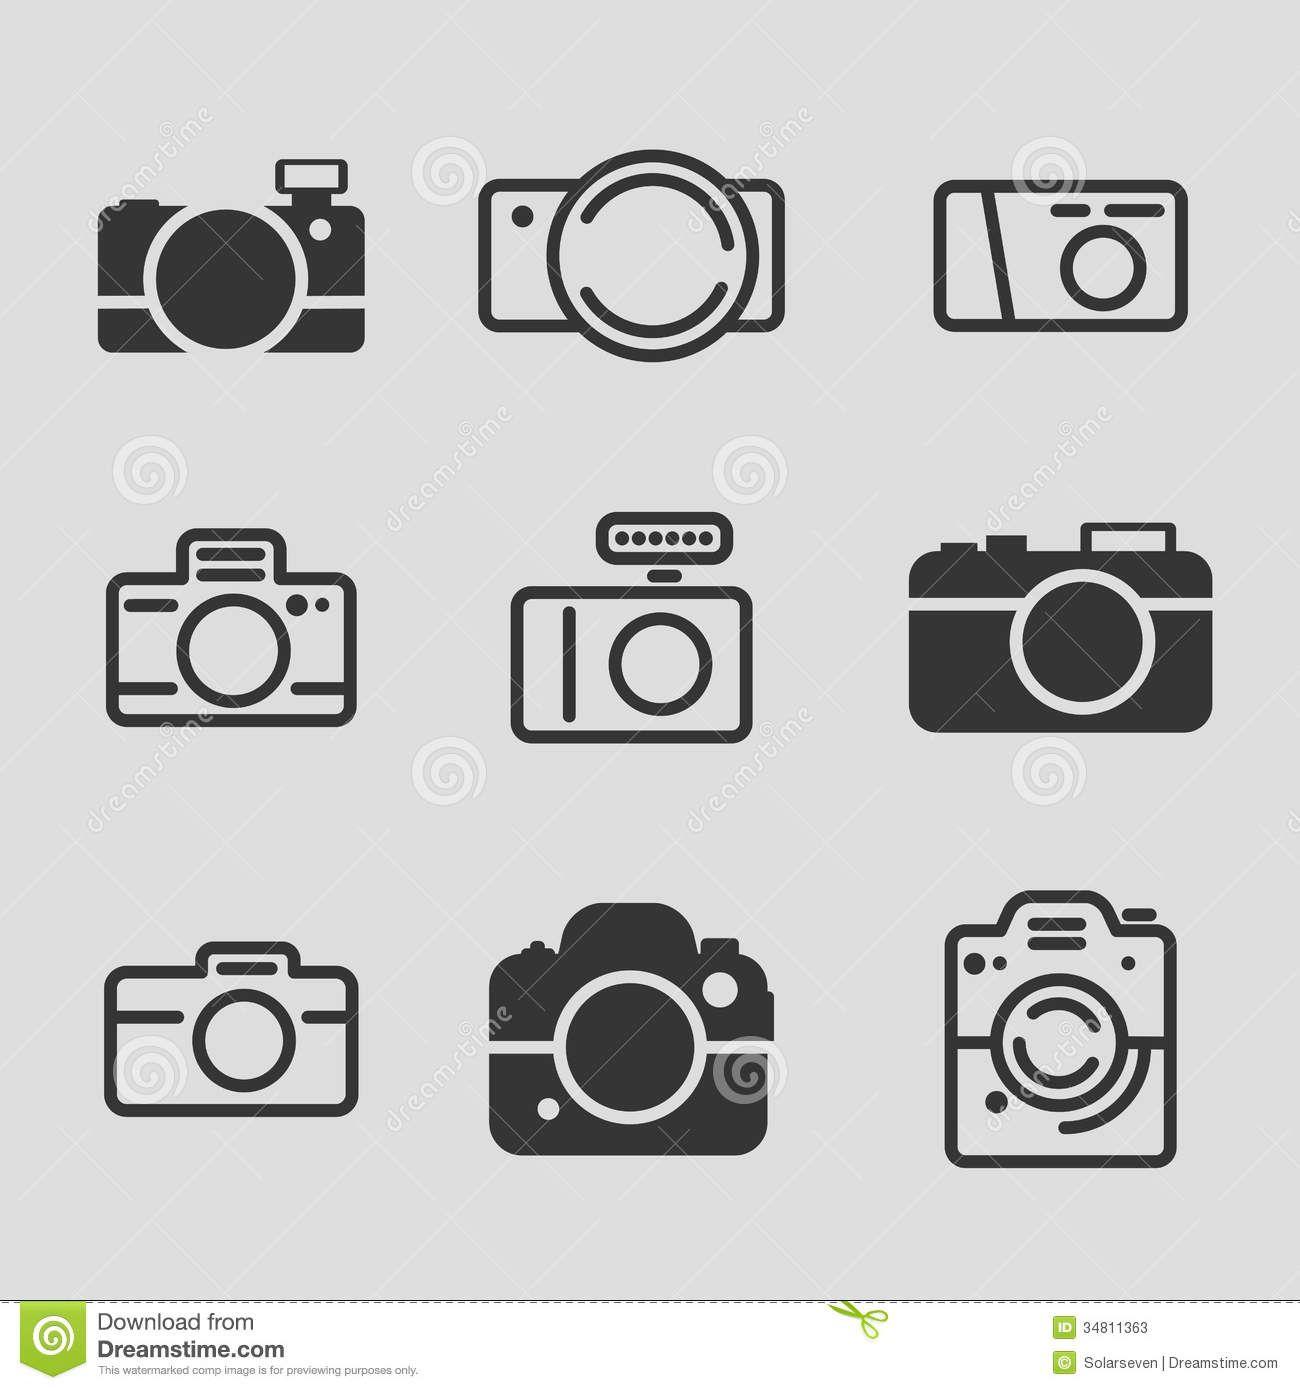 фотоаппарат ретро значок - Поиск в google | свадебное | pinterest